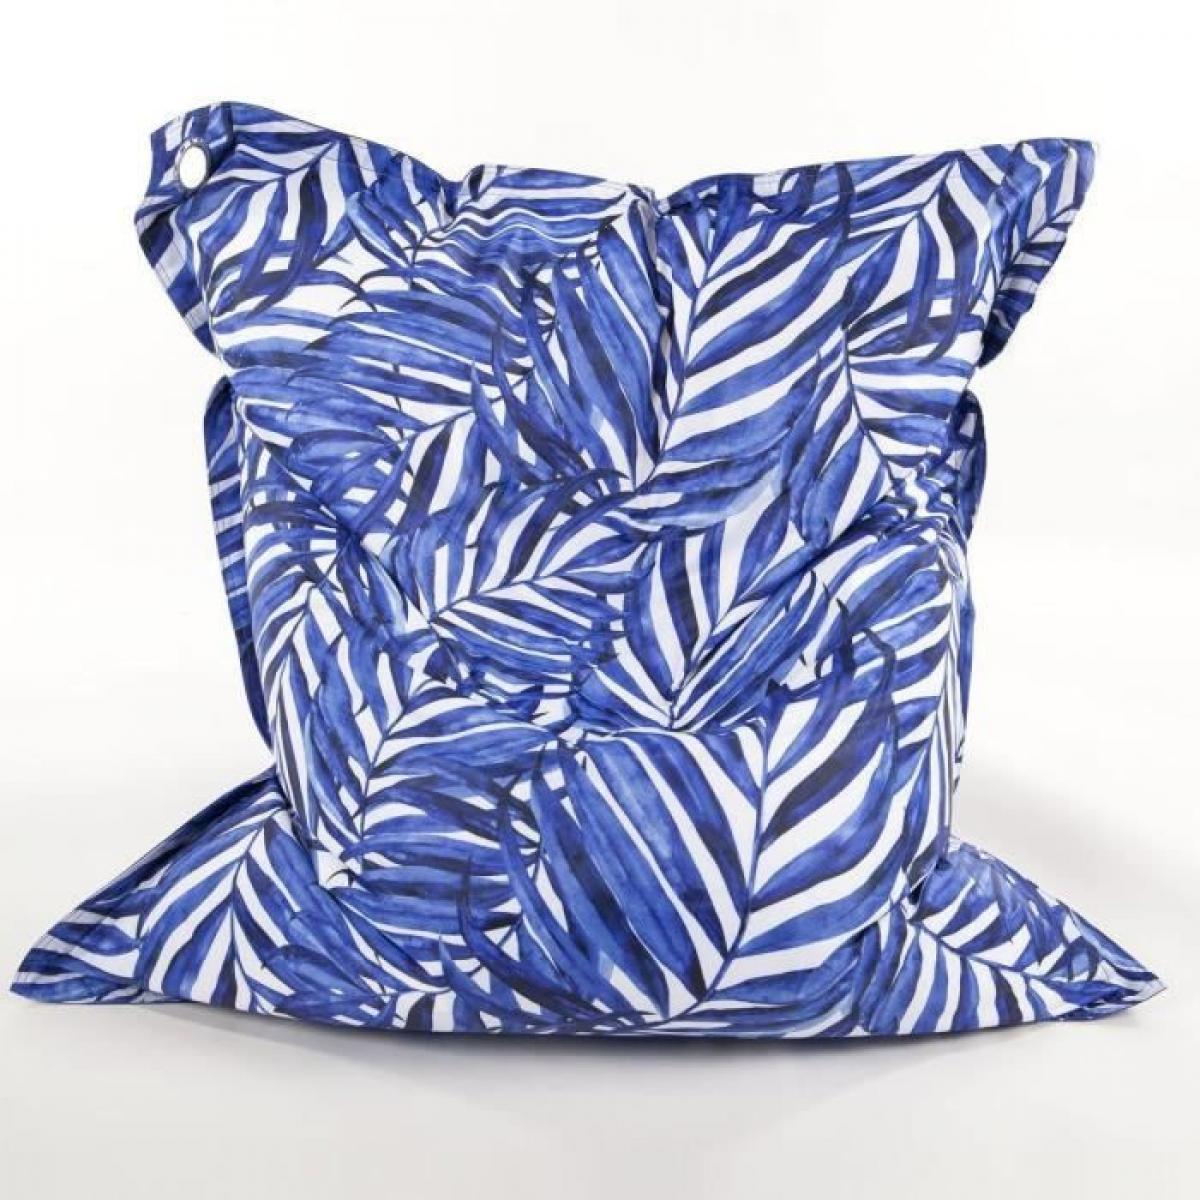 Cotton Wood COTTON WOOD Maxi Coussin imprime - 110 x 130 cm - Blue Palm